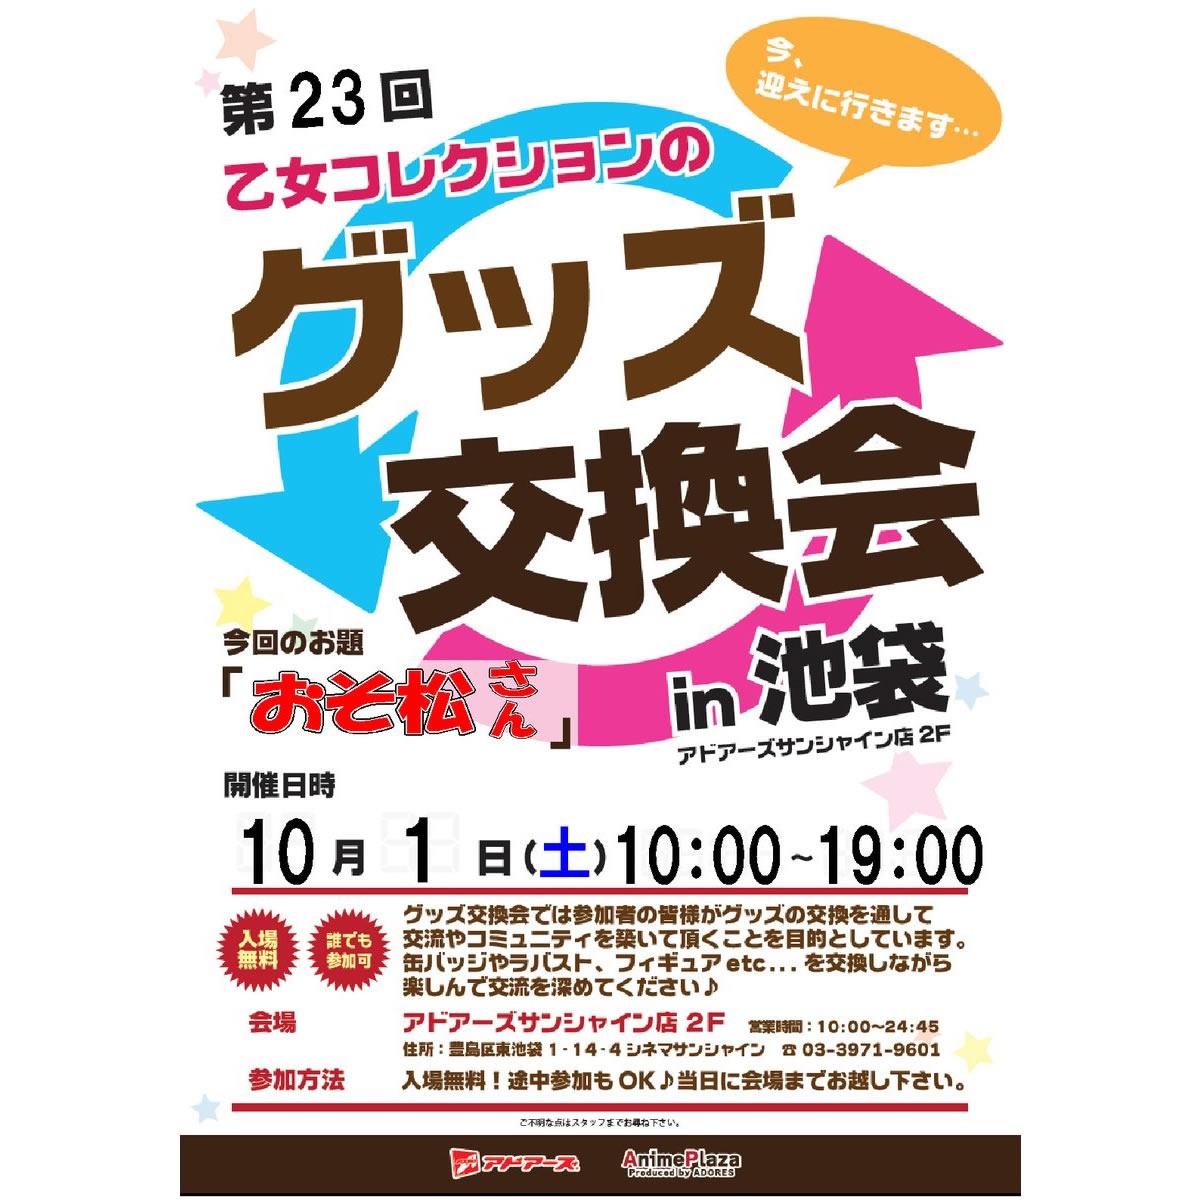 「グッズ交換会 in池袋アドアーズサンシャイン!」が開催!10月1日~